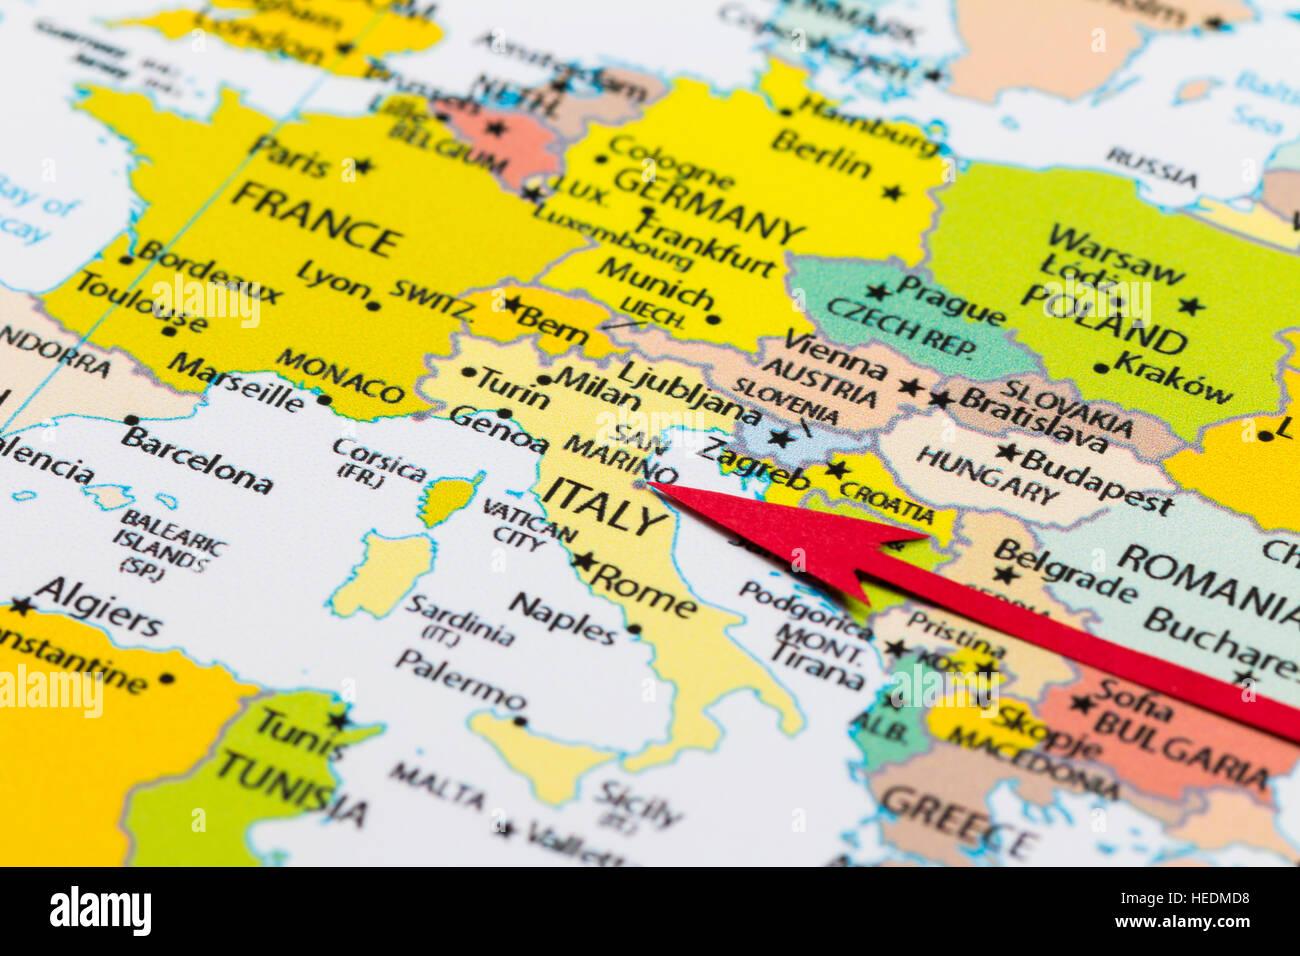 Carte De Leurope Rome.Fleche Rouge Pointant San Marino Sur La Carte De L Europe